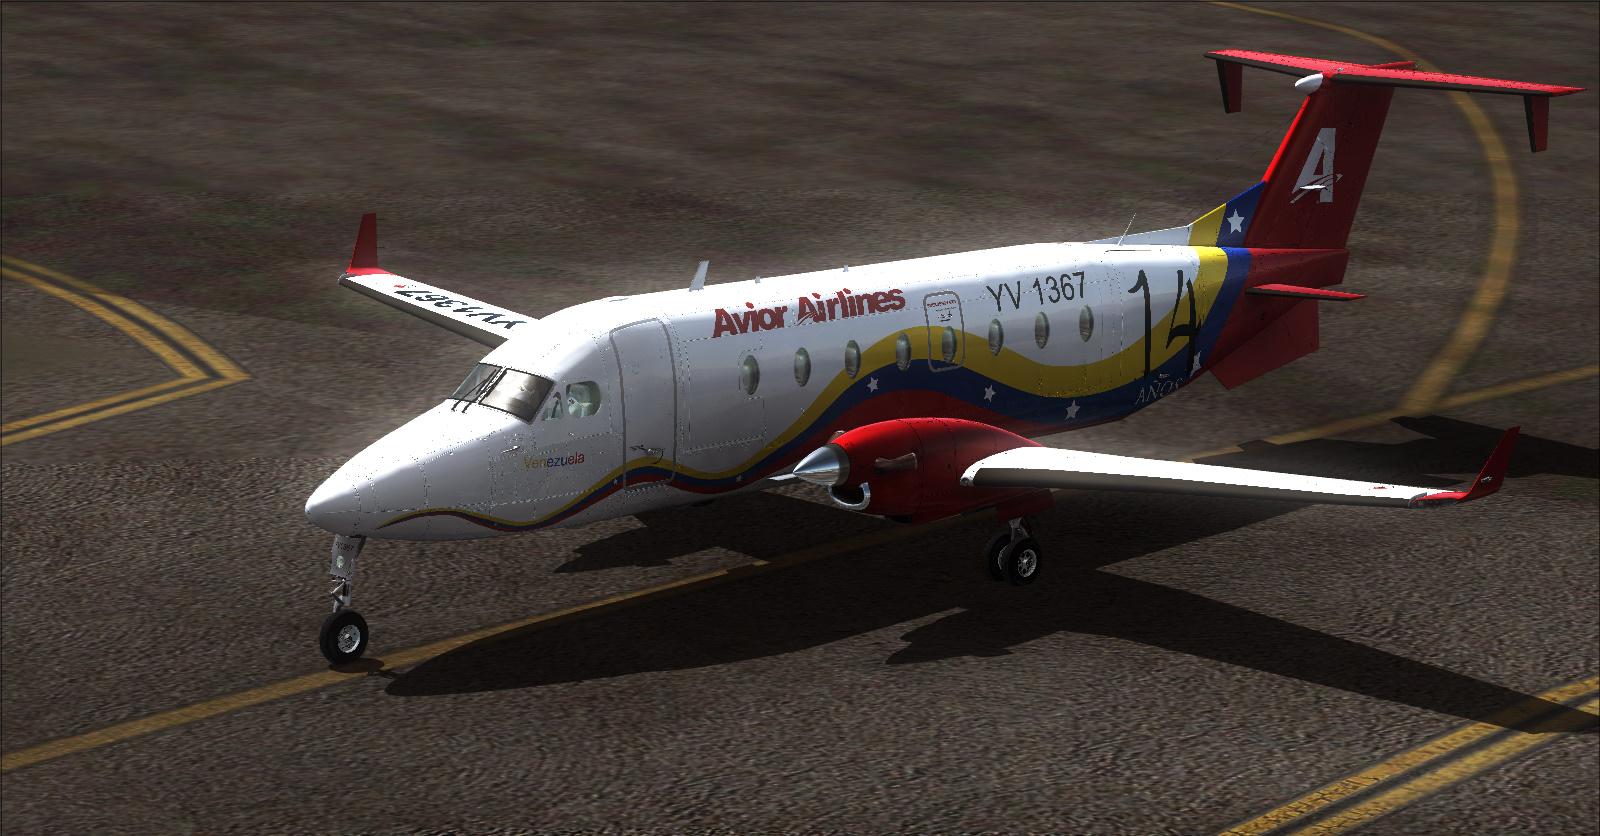 25+ Boeing 767 300 Latam Pics - FreePix